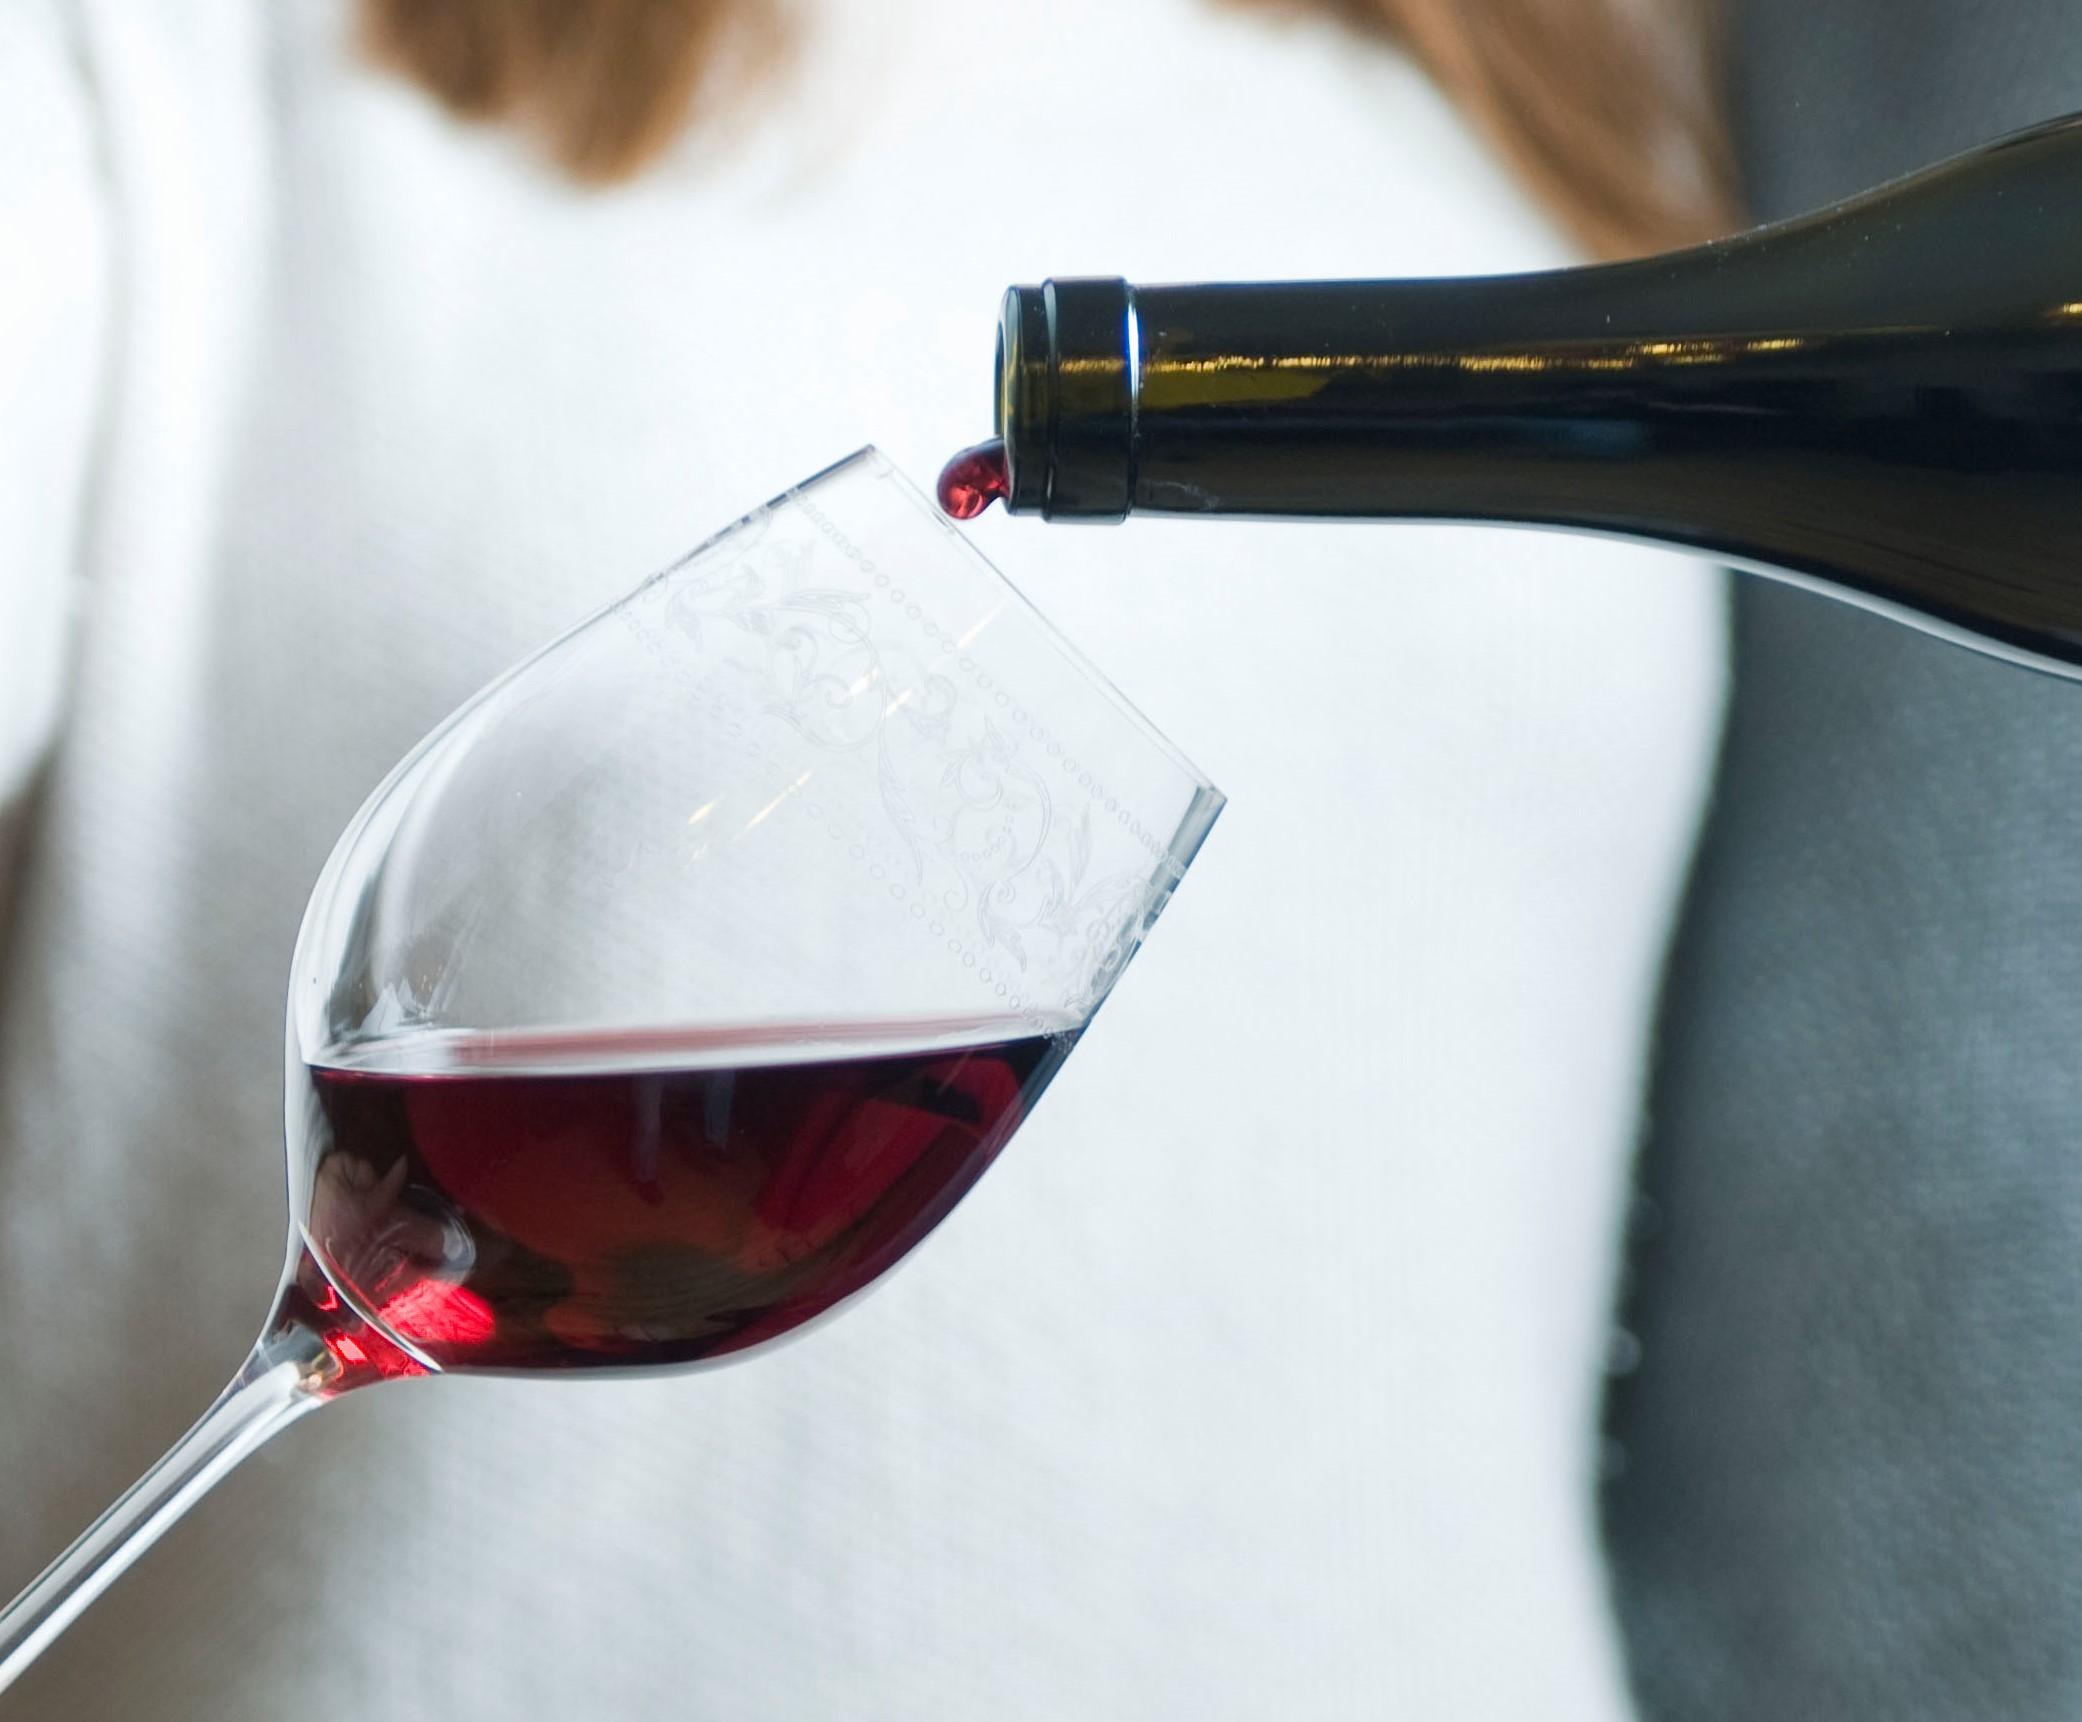 Dégustation du vin au palais. Troisième étape de la dégustation d un vin. Retrouvez tous les conseils et astuces chez votre caviste en ligne Tastavin.